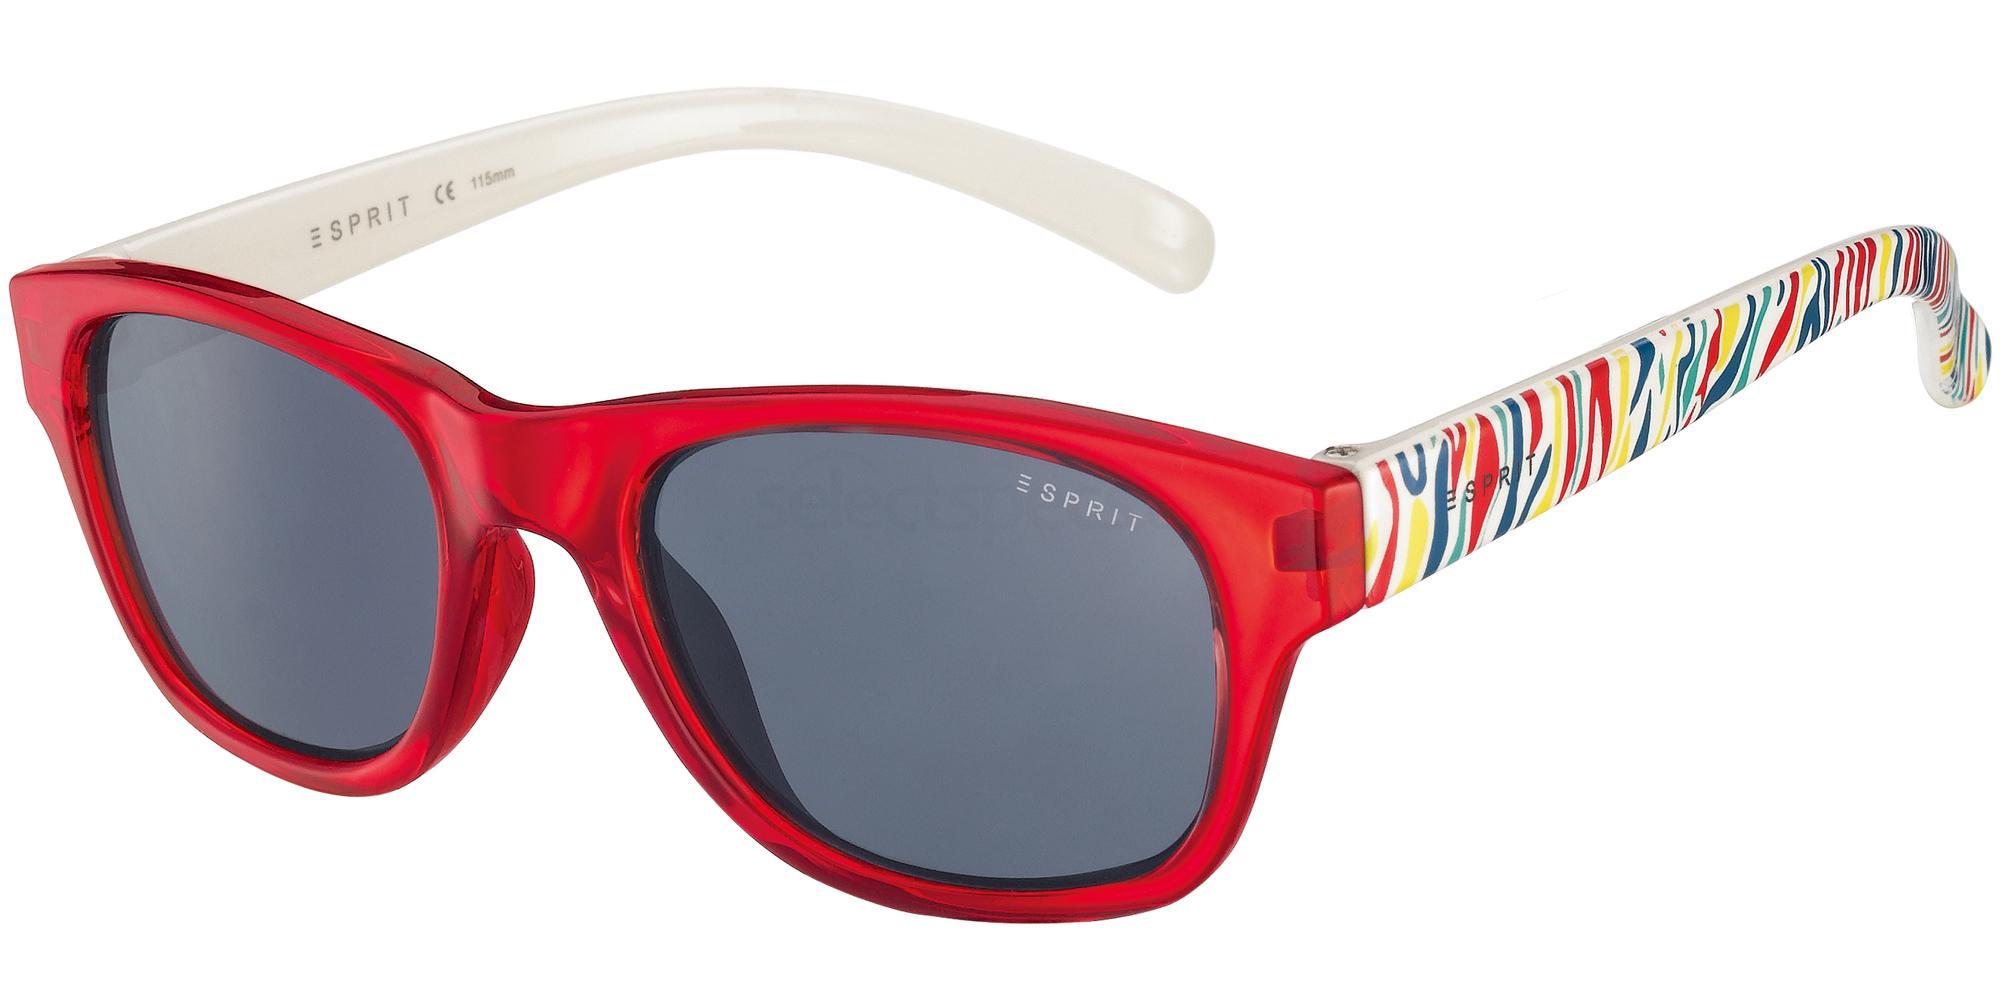 531 ET19759 Sunglasses, Esprit KIDS